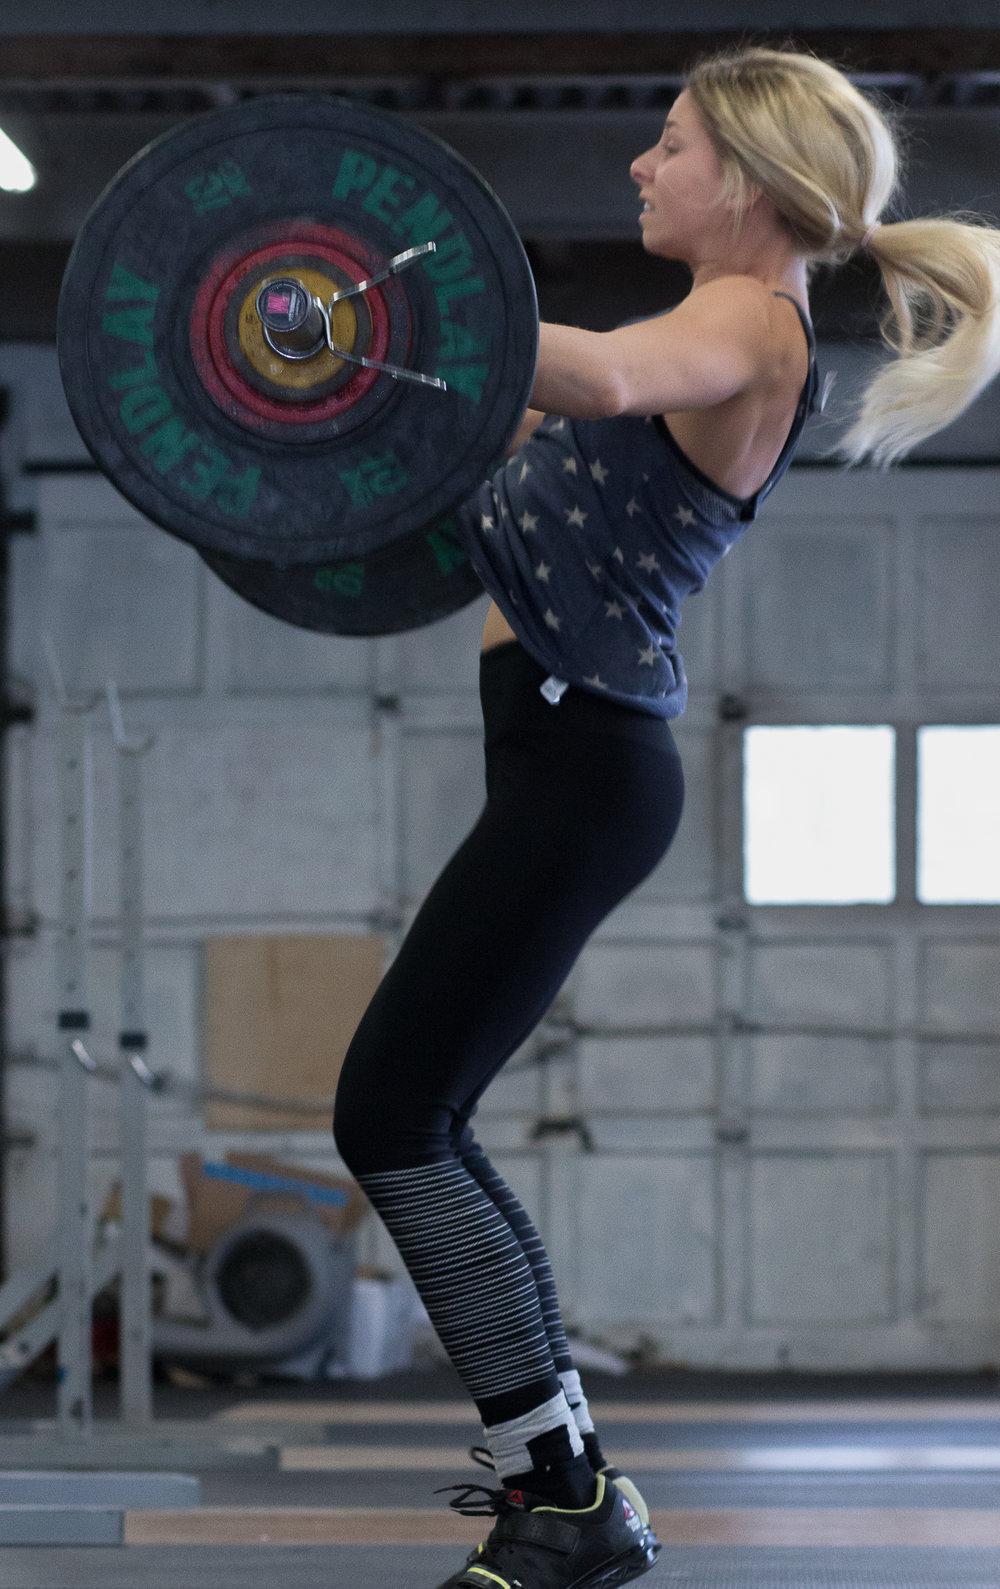 allie-weightlifter (3 of 3).jpg